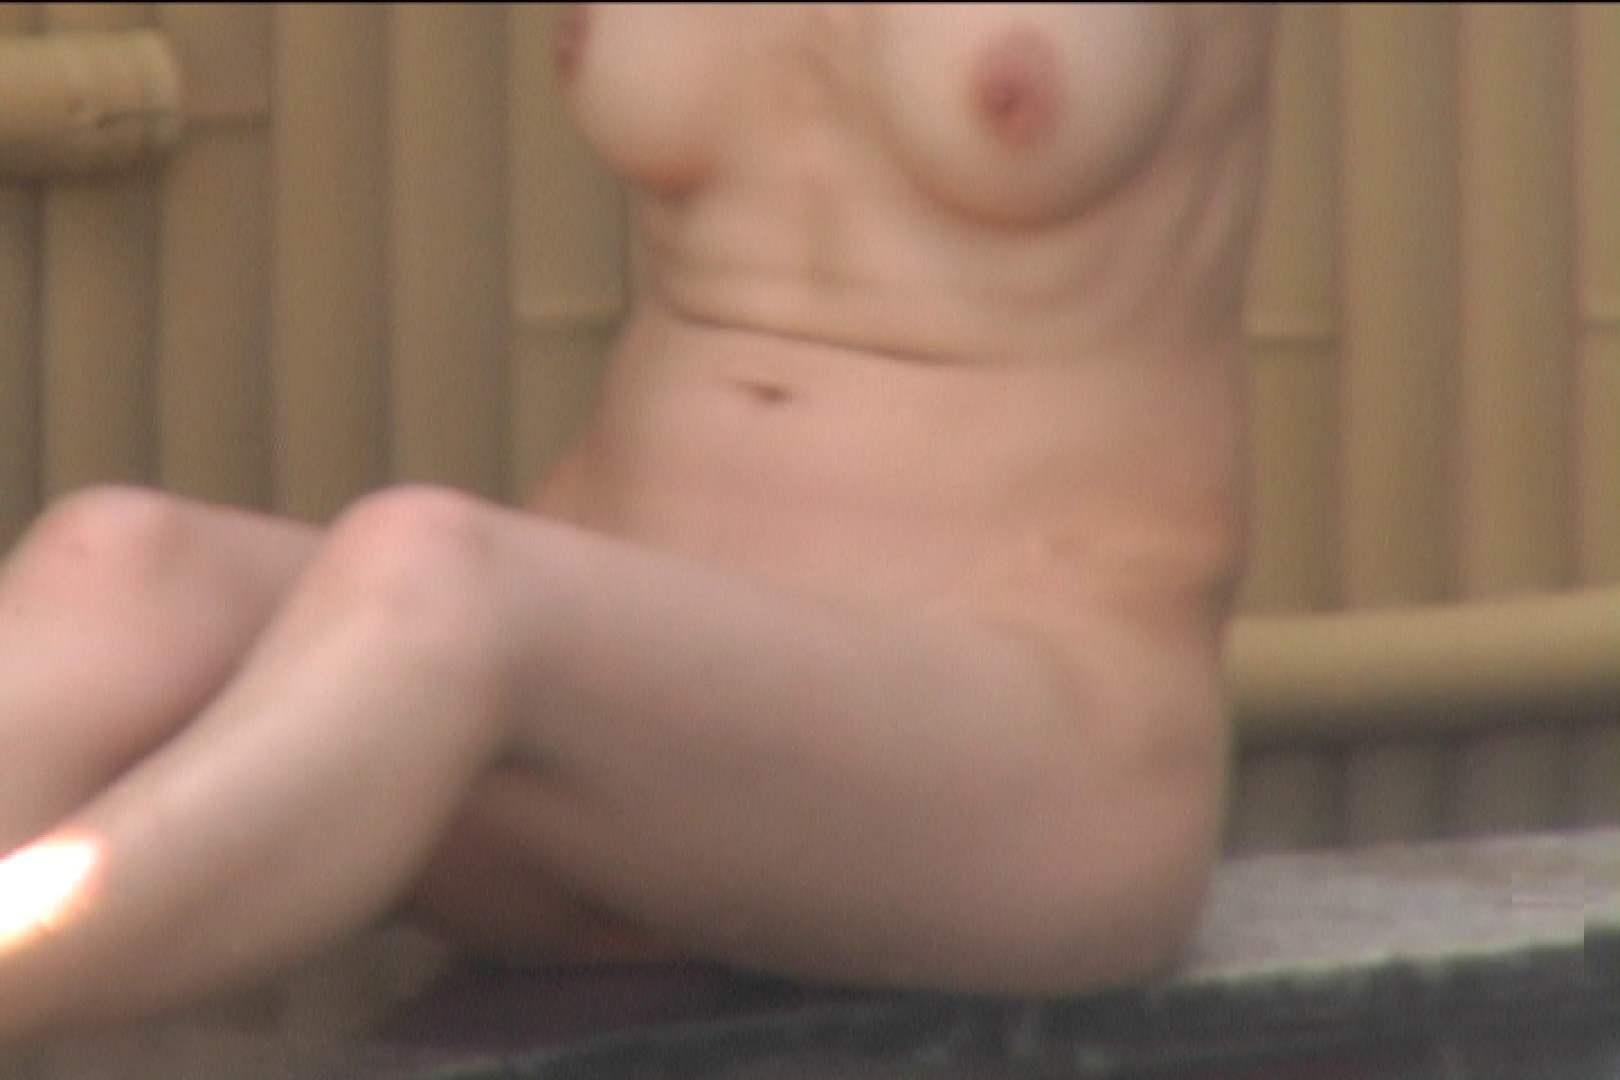 Aquaな露天風呂Vol.526 盗撮 | 綺麗なOLたち  82枚 49